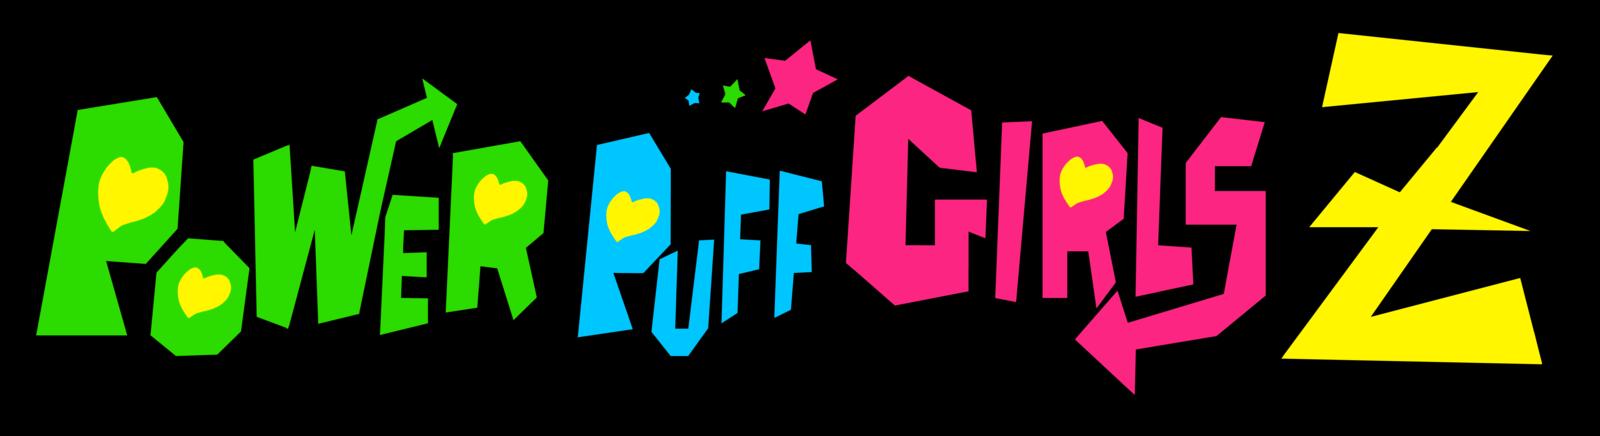 Powerpuff girls logo png 9 » PNG Image.